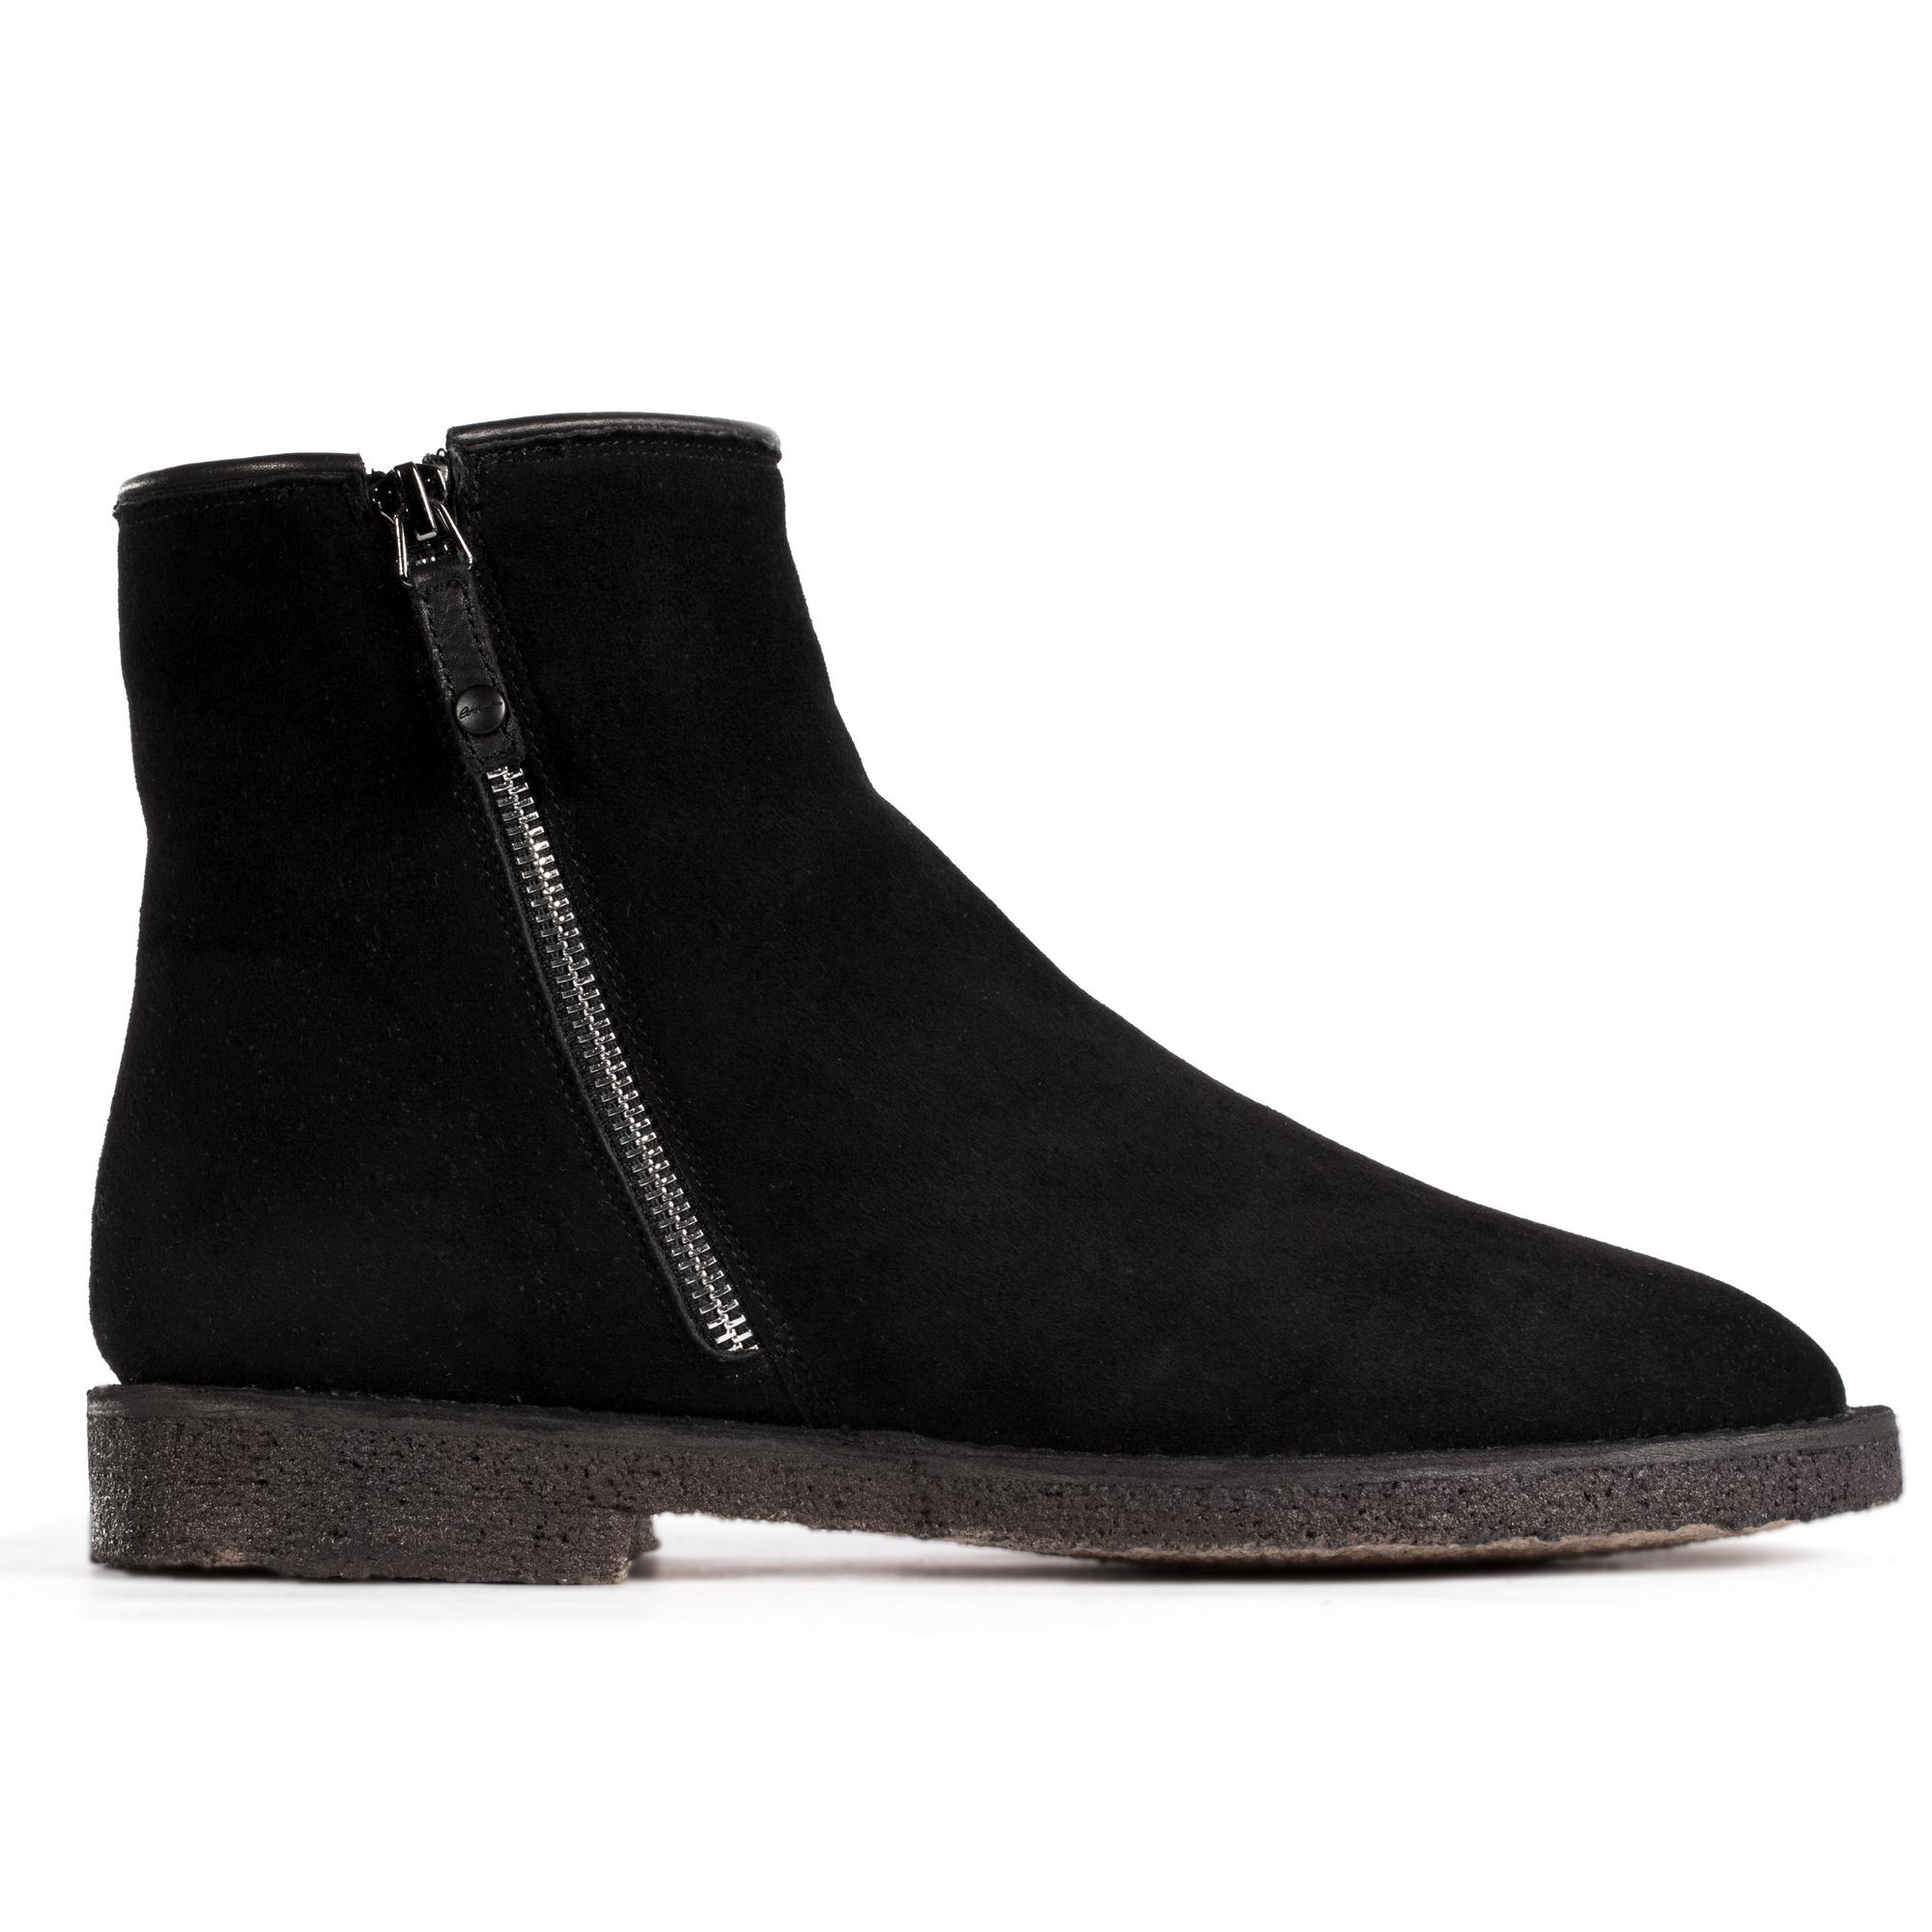 Ботинки замшевые черного цвета с молниями на мехуБотинки мужские<br><br>Материал верха: Замша<br>Материал подкладки: Мех<br>Материал подошвы: Каучук<br>Цвет: Черный<br>Высота каблука: 2 см<br>Дизайн: Италия<br>Страна производства: Китай<br><br>Высота каблука: 2 см<br>Материал верха: Замша<br>Материал подкладки: Мех<br>Цвет: Черный<br>Пол: Мужской<br>Вес кг: 0.70000000<br>Размер обуви: 39**